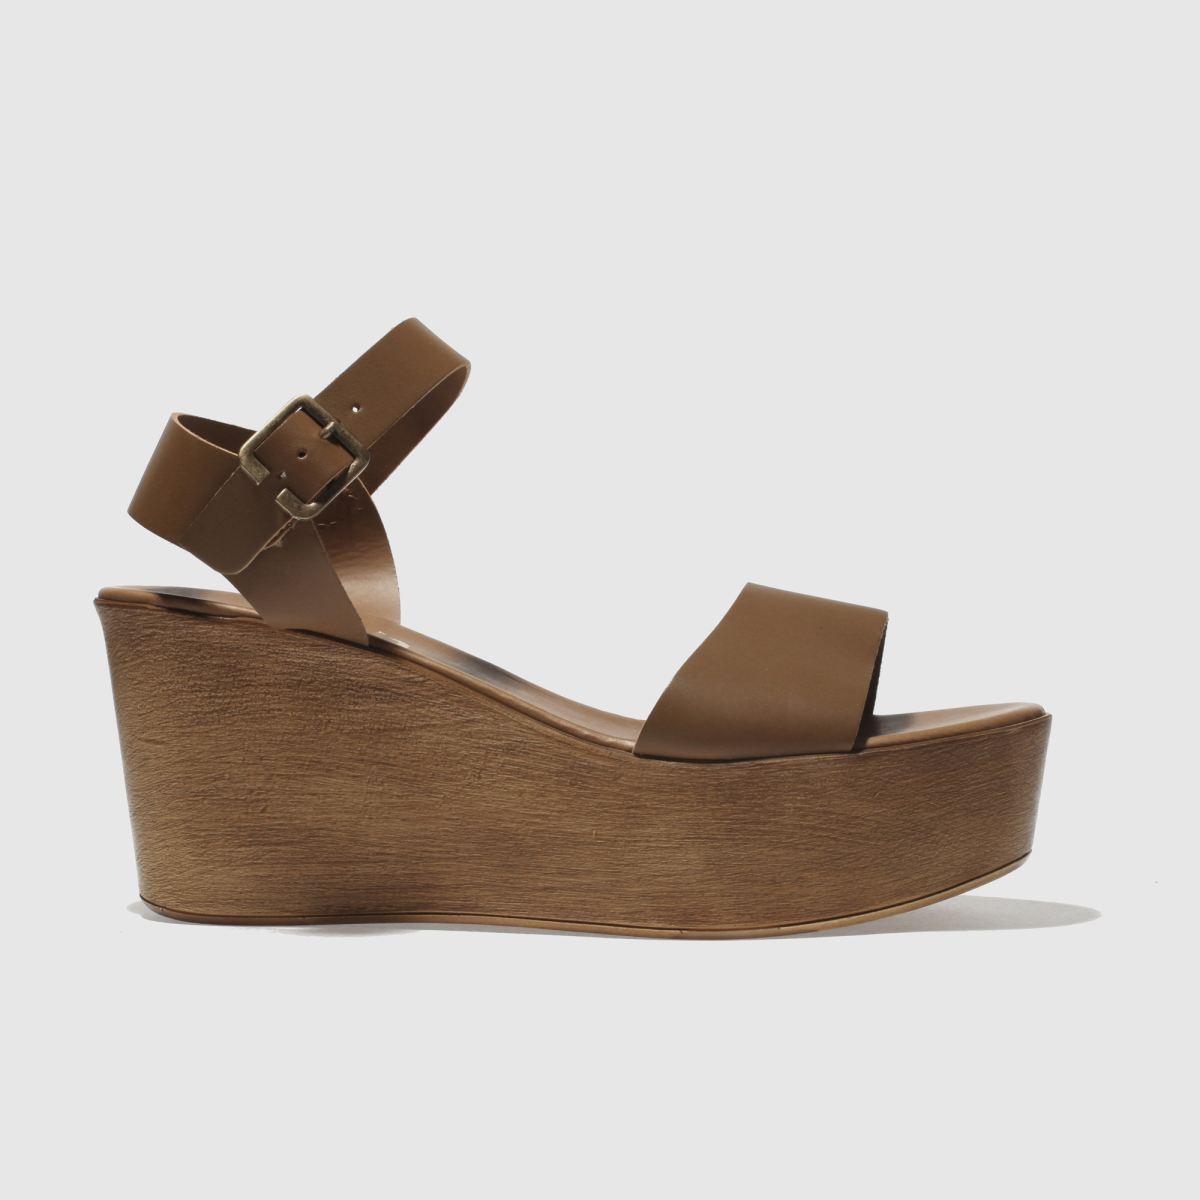 Schuh Tan Maldives Sandals